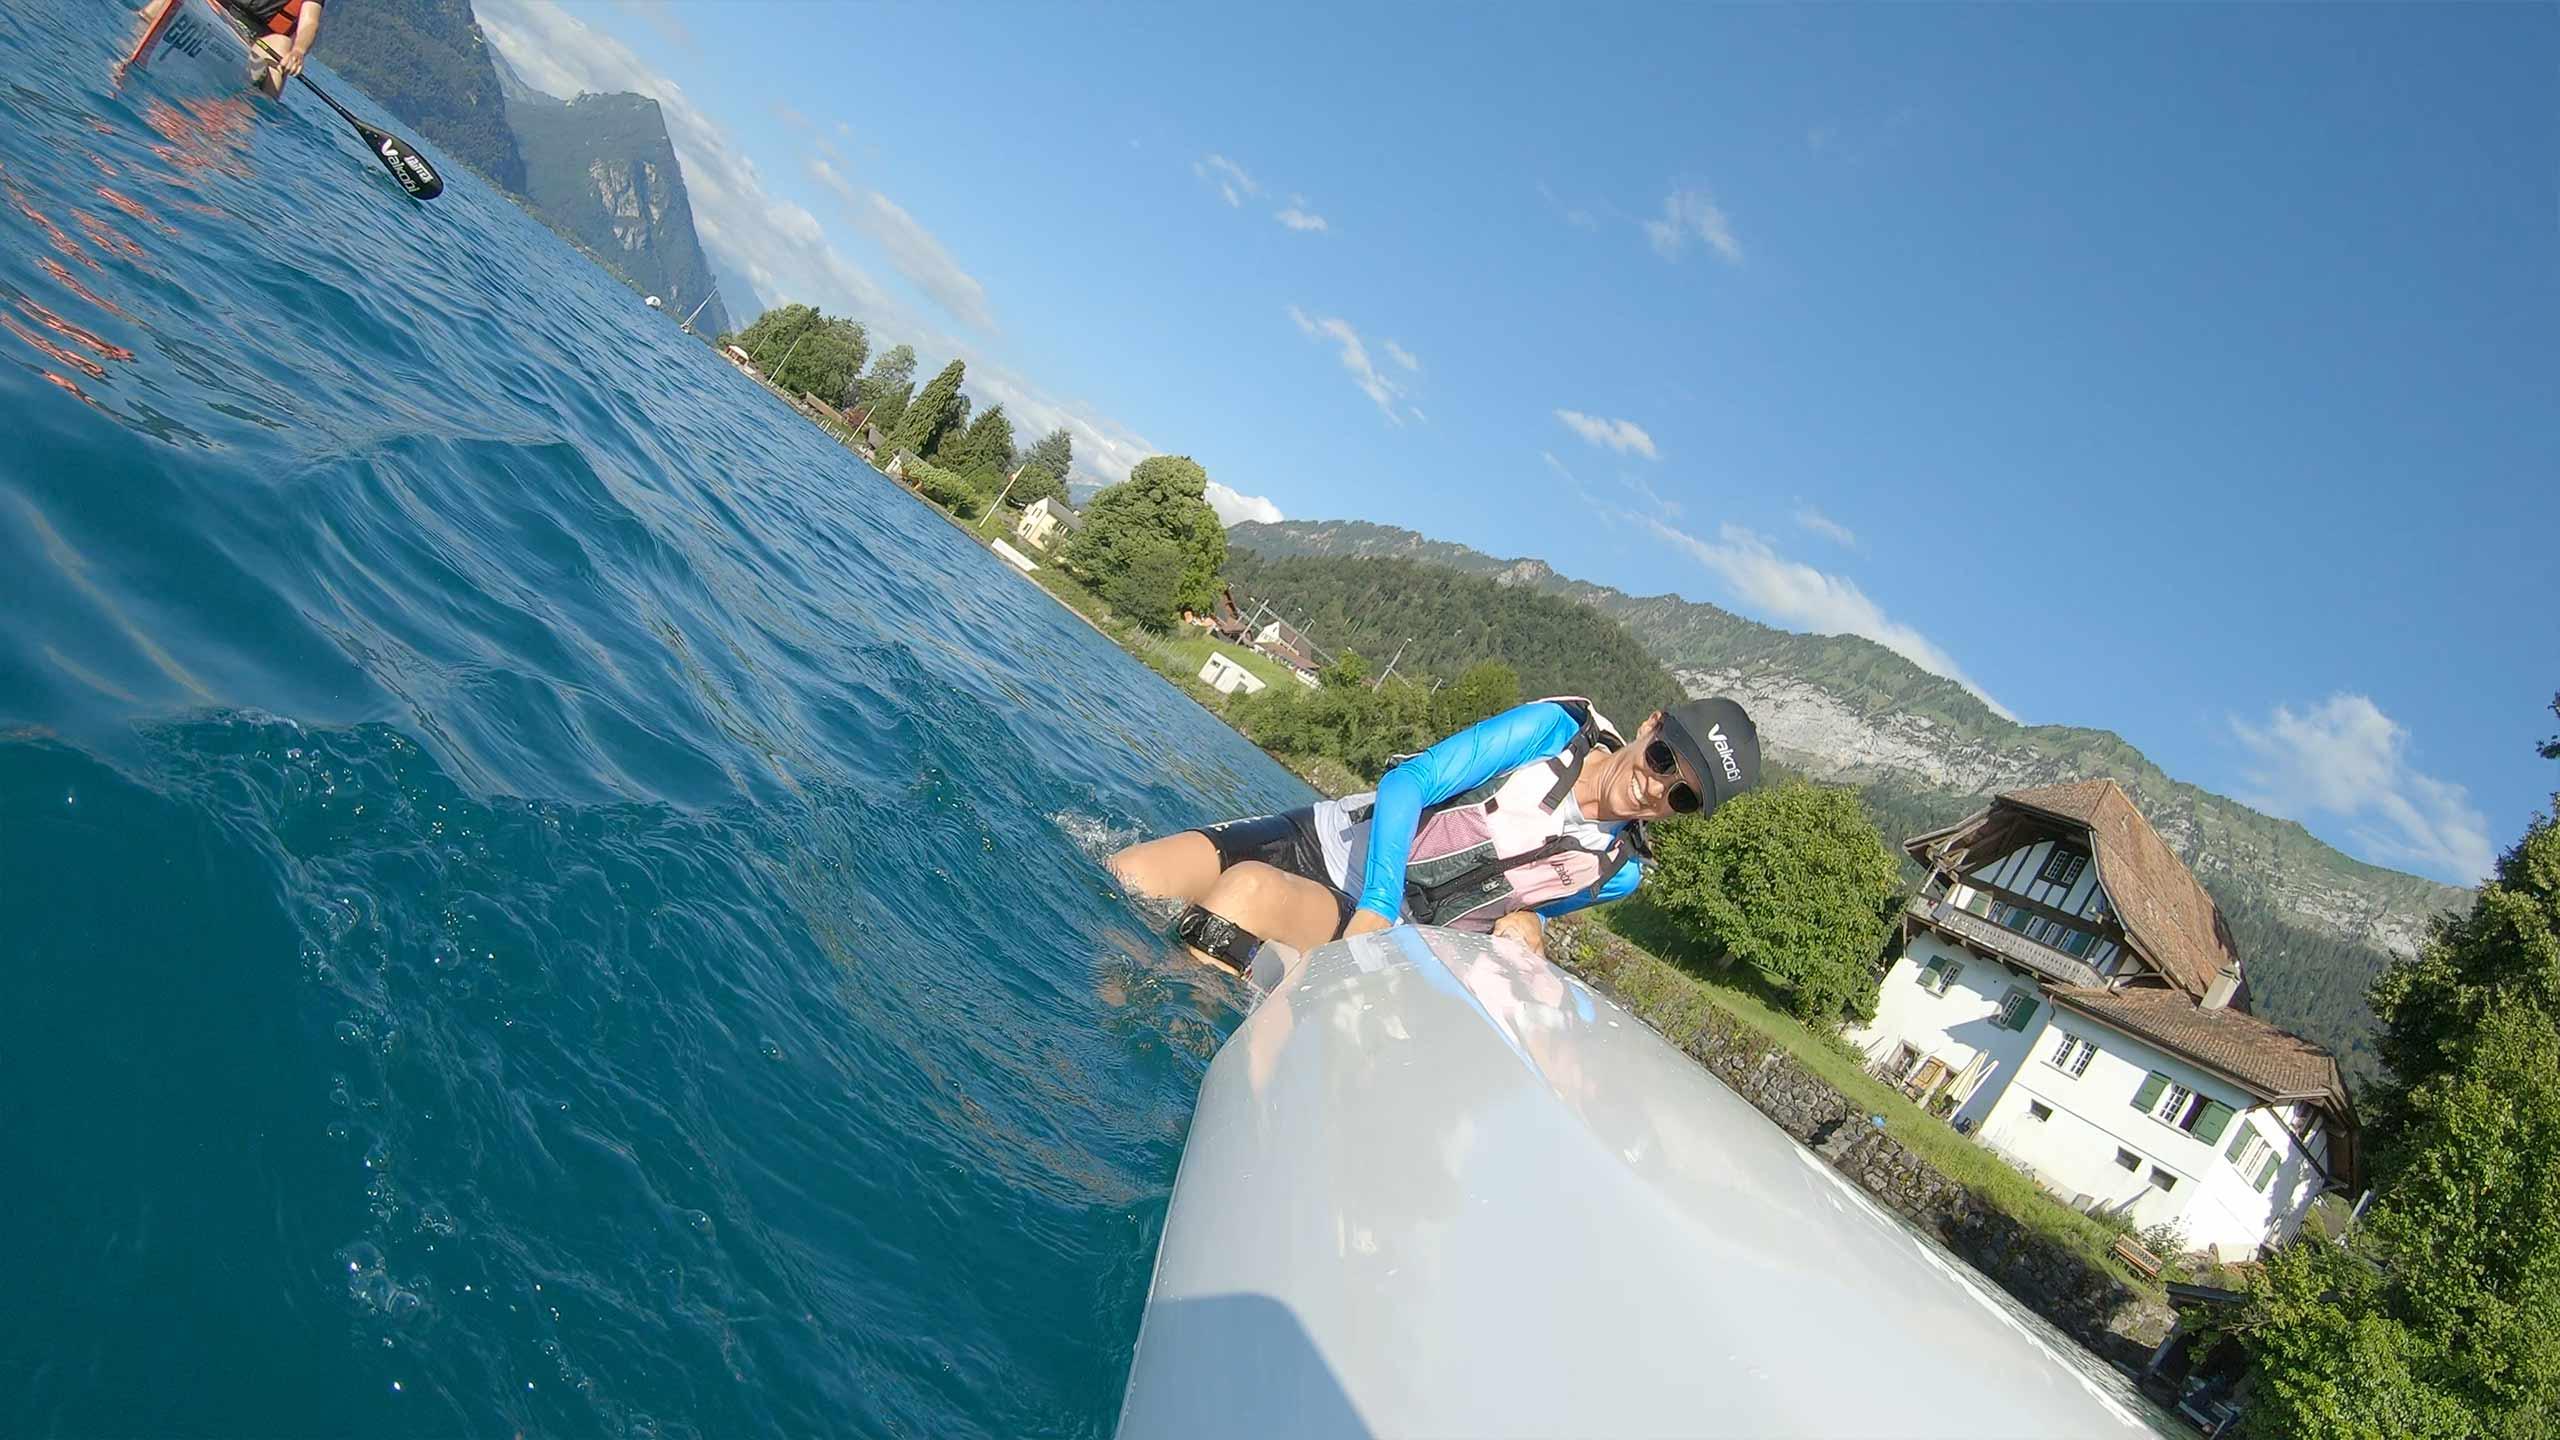 surfskipoint-thunersee-aufsetzen-im-wasser.jpg